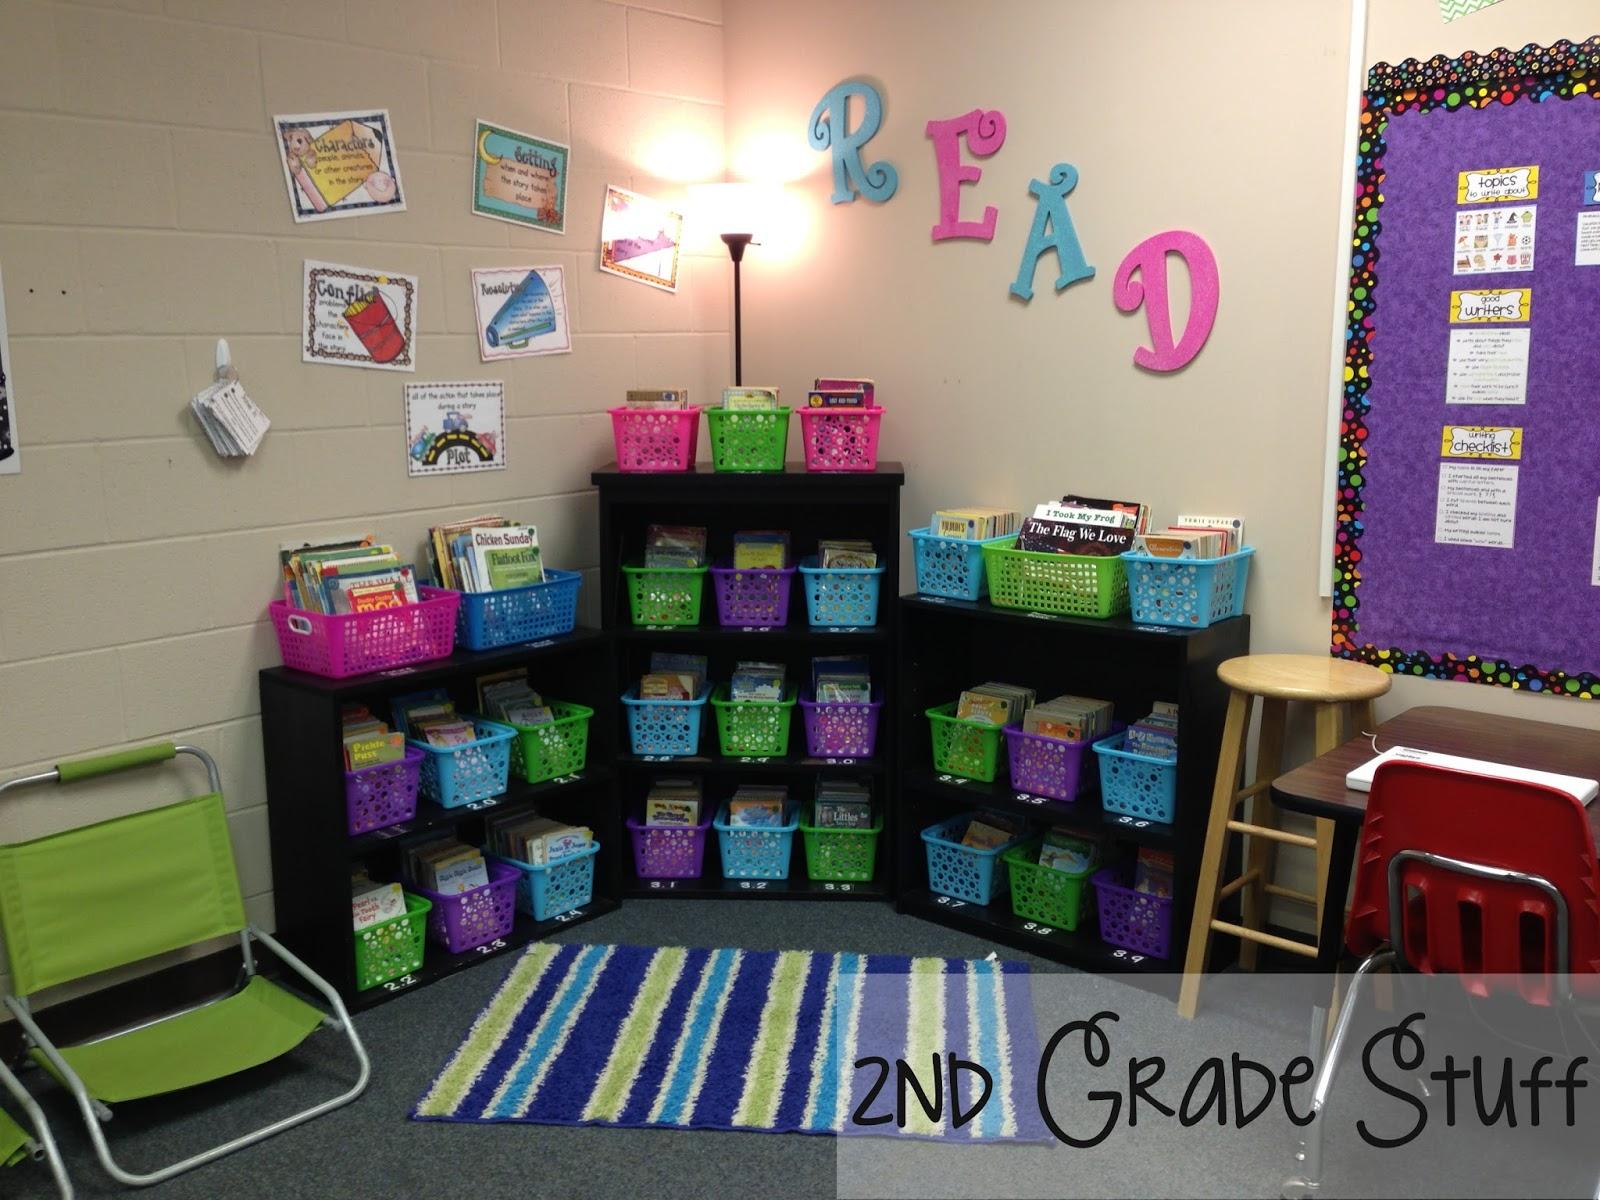 Classroom Design For Grade 2 ~ Nd grade stuff classroom tour